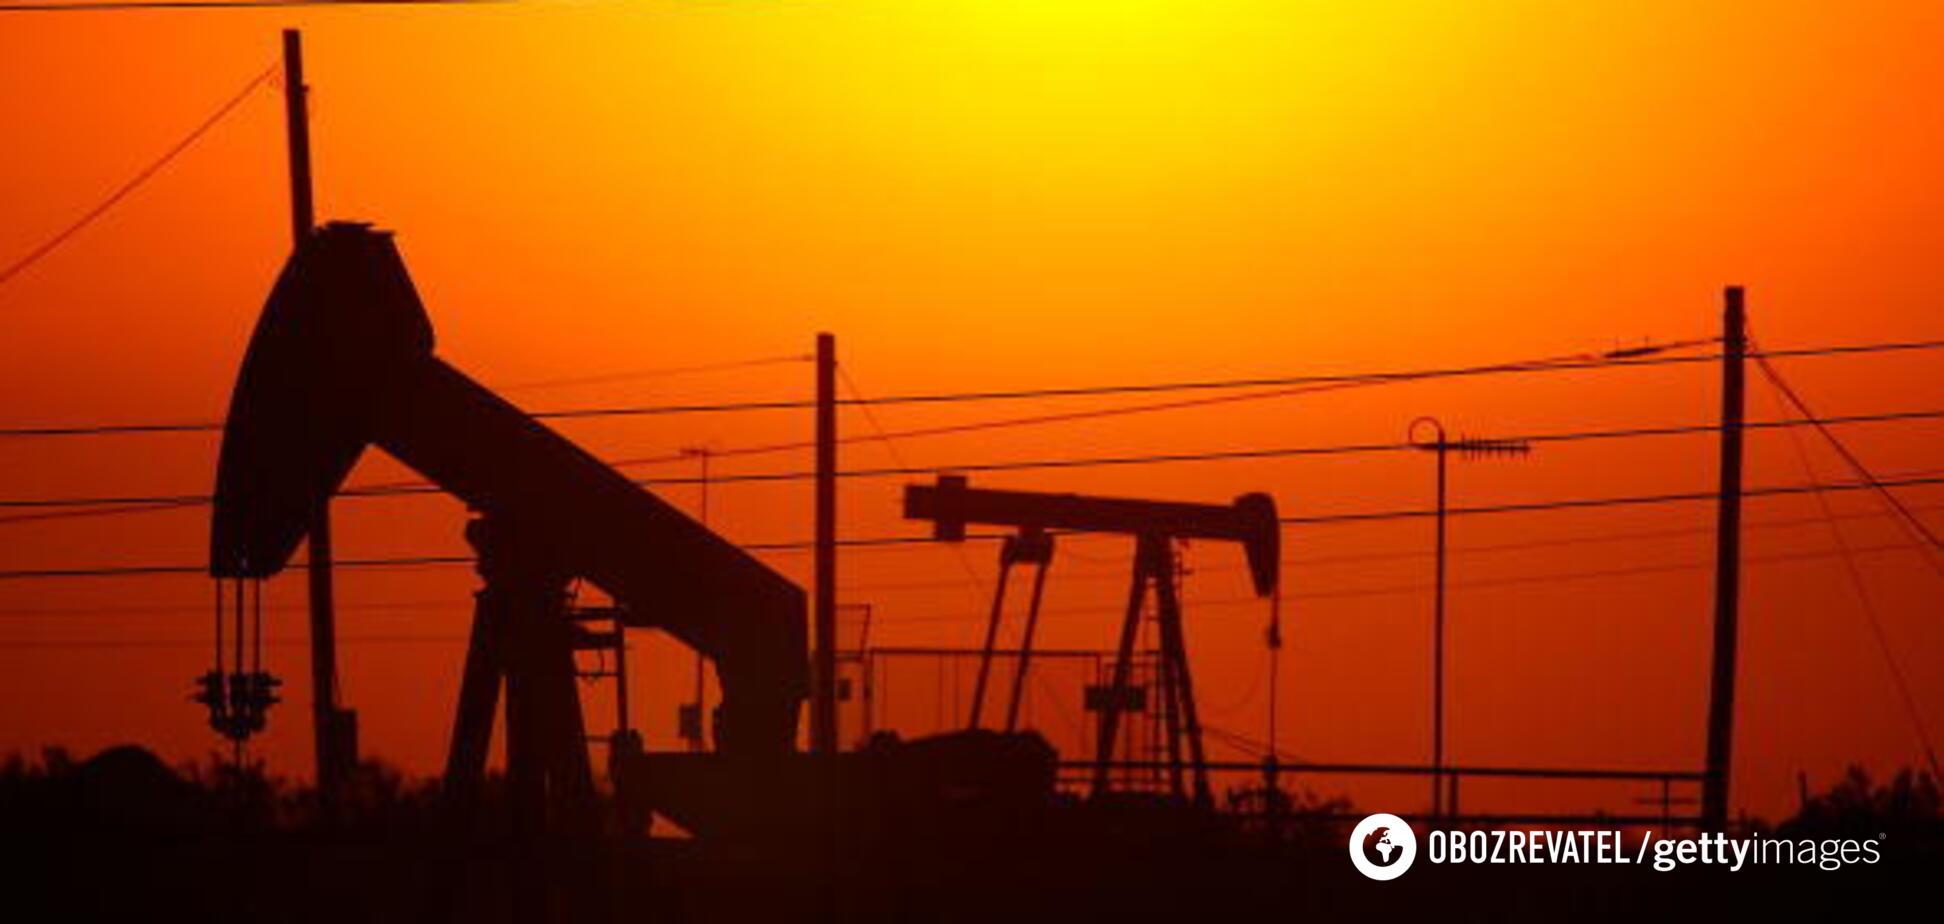 Рекордний ріст нафти за 10 років: що відбувається і чого чекати українцям